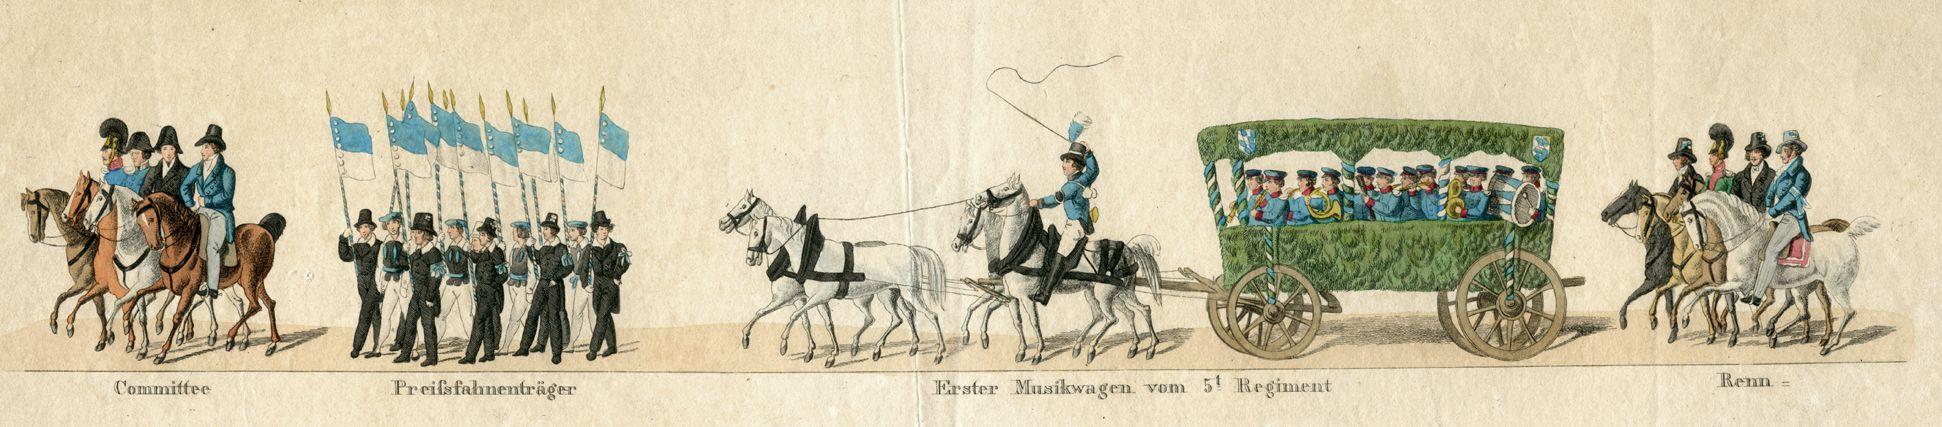 Das Volksfest in Nürnberg. II. erste Zeile von oben